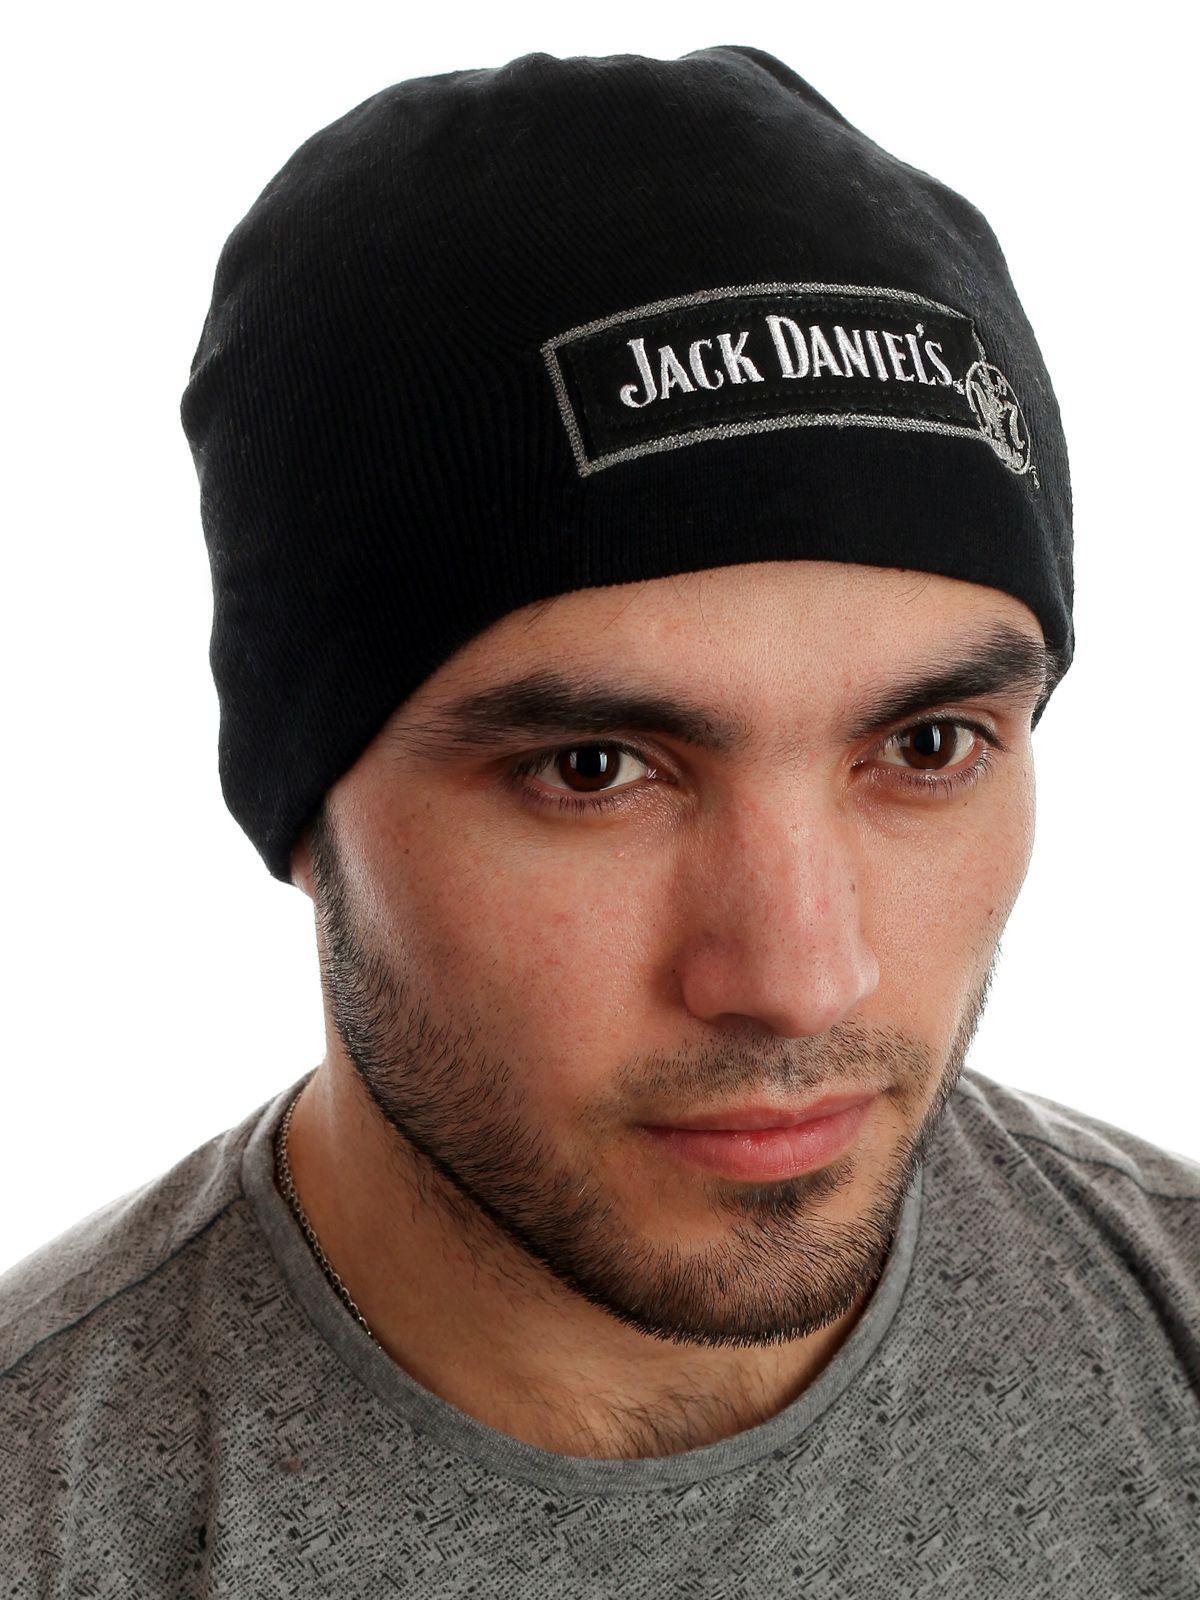 Трендовая спортивная шапка Jack Daniel's